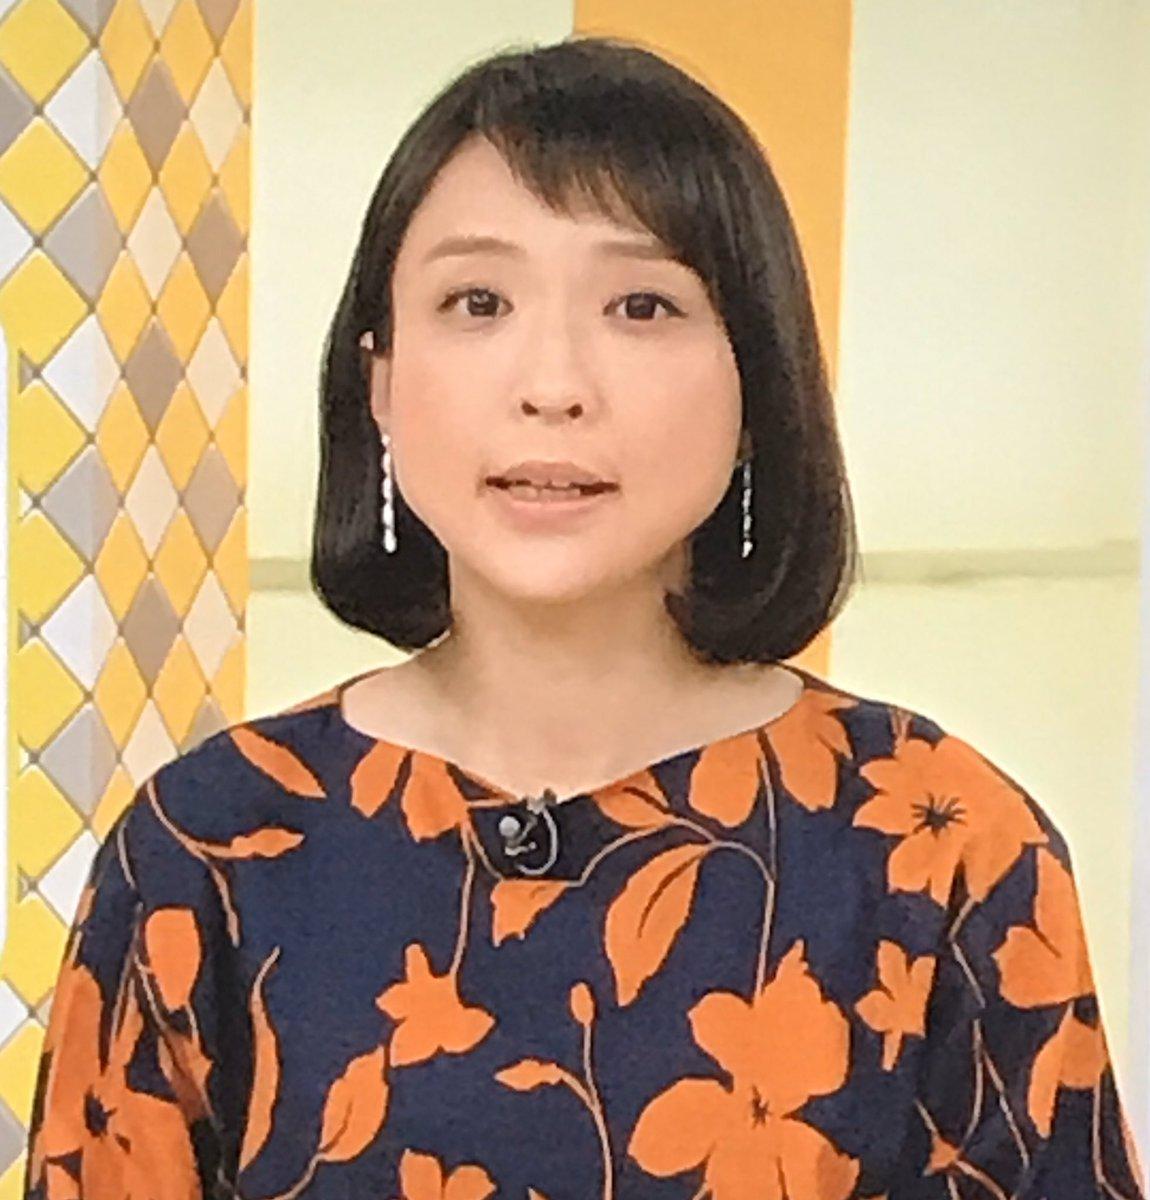 守本奈実 hashtag on Twitter